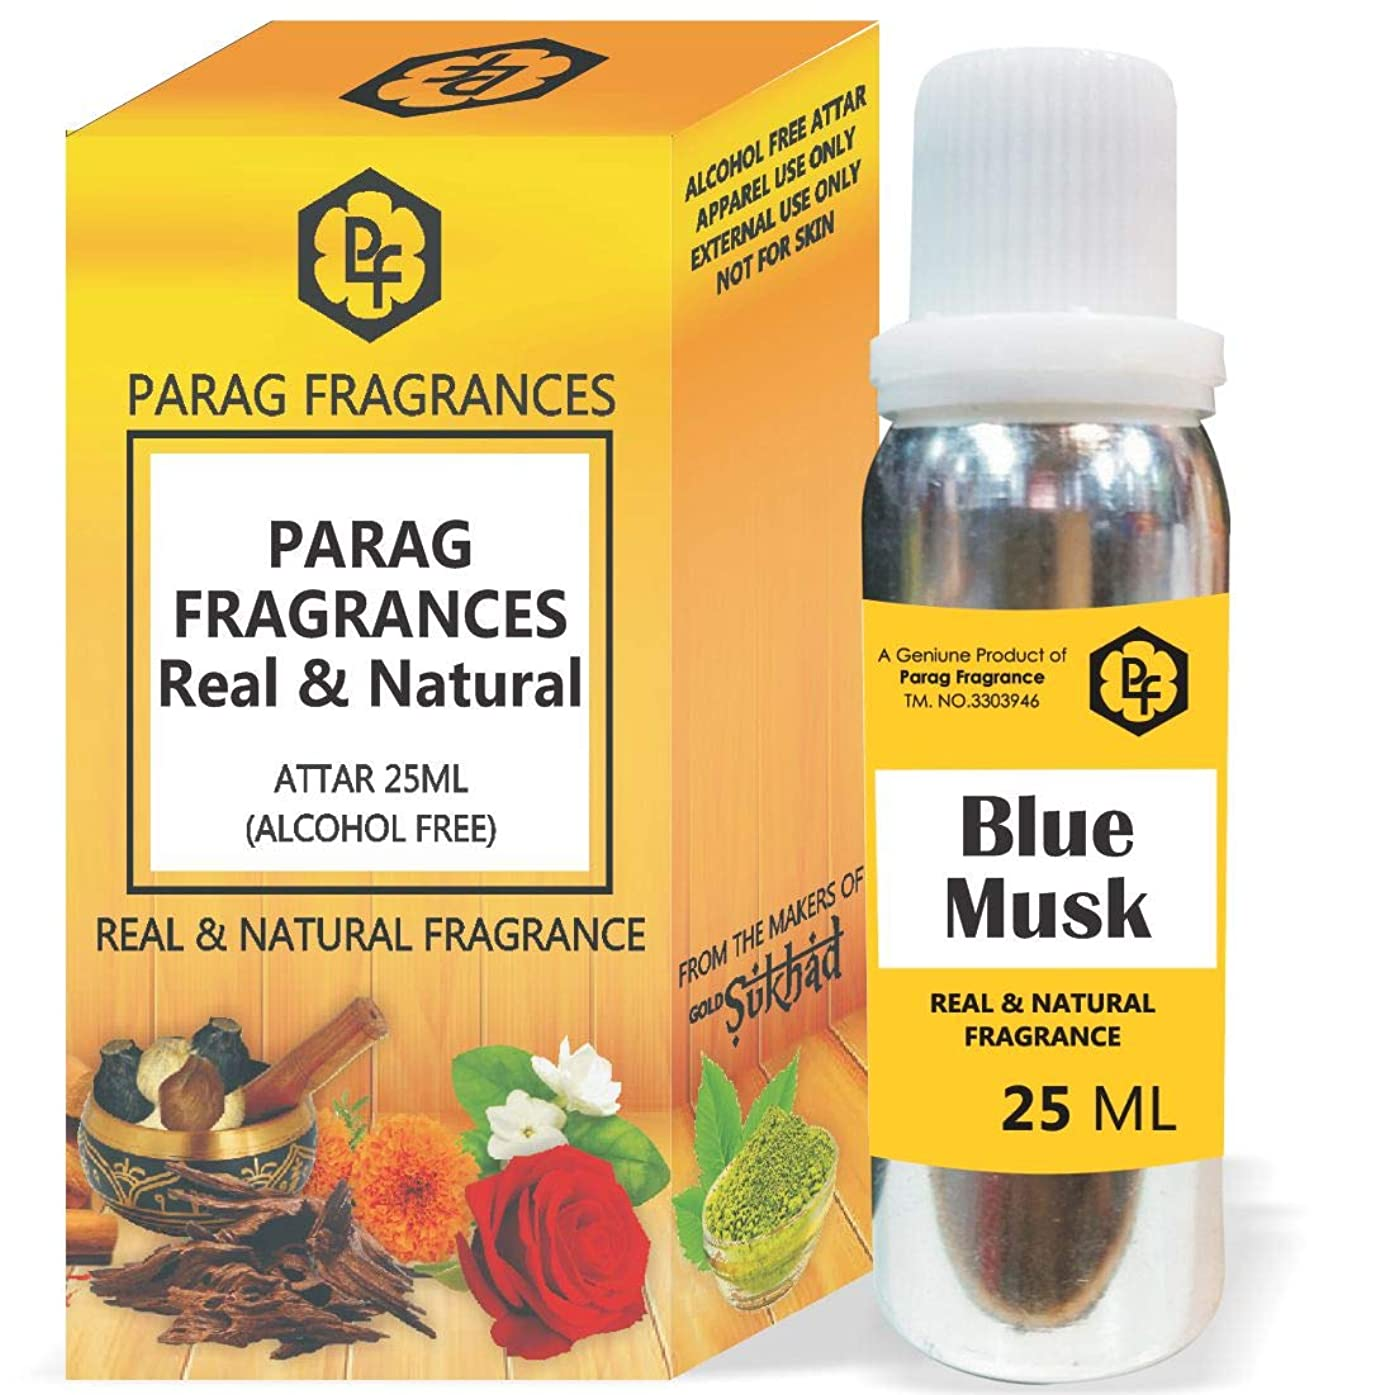 滝獲物バルブ50/100/200/500パック内の他のエディションファンシー空き瓶(アルコールフリー、ロングラスティング、自然アター)でParagフレグランス25ミリリットルブルームスクアター